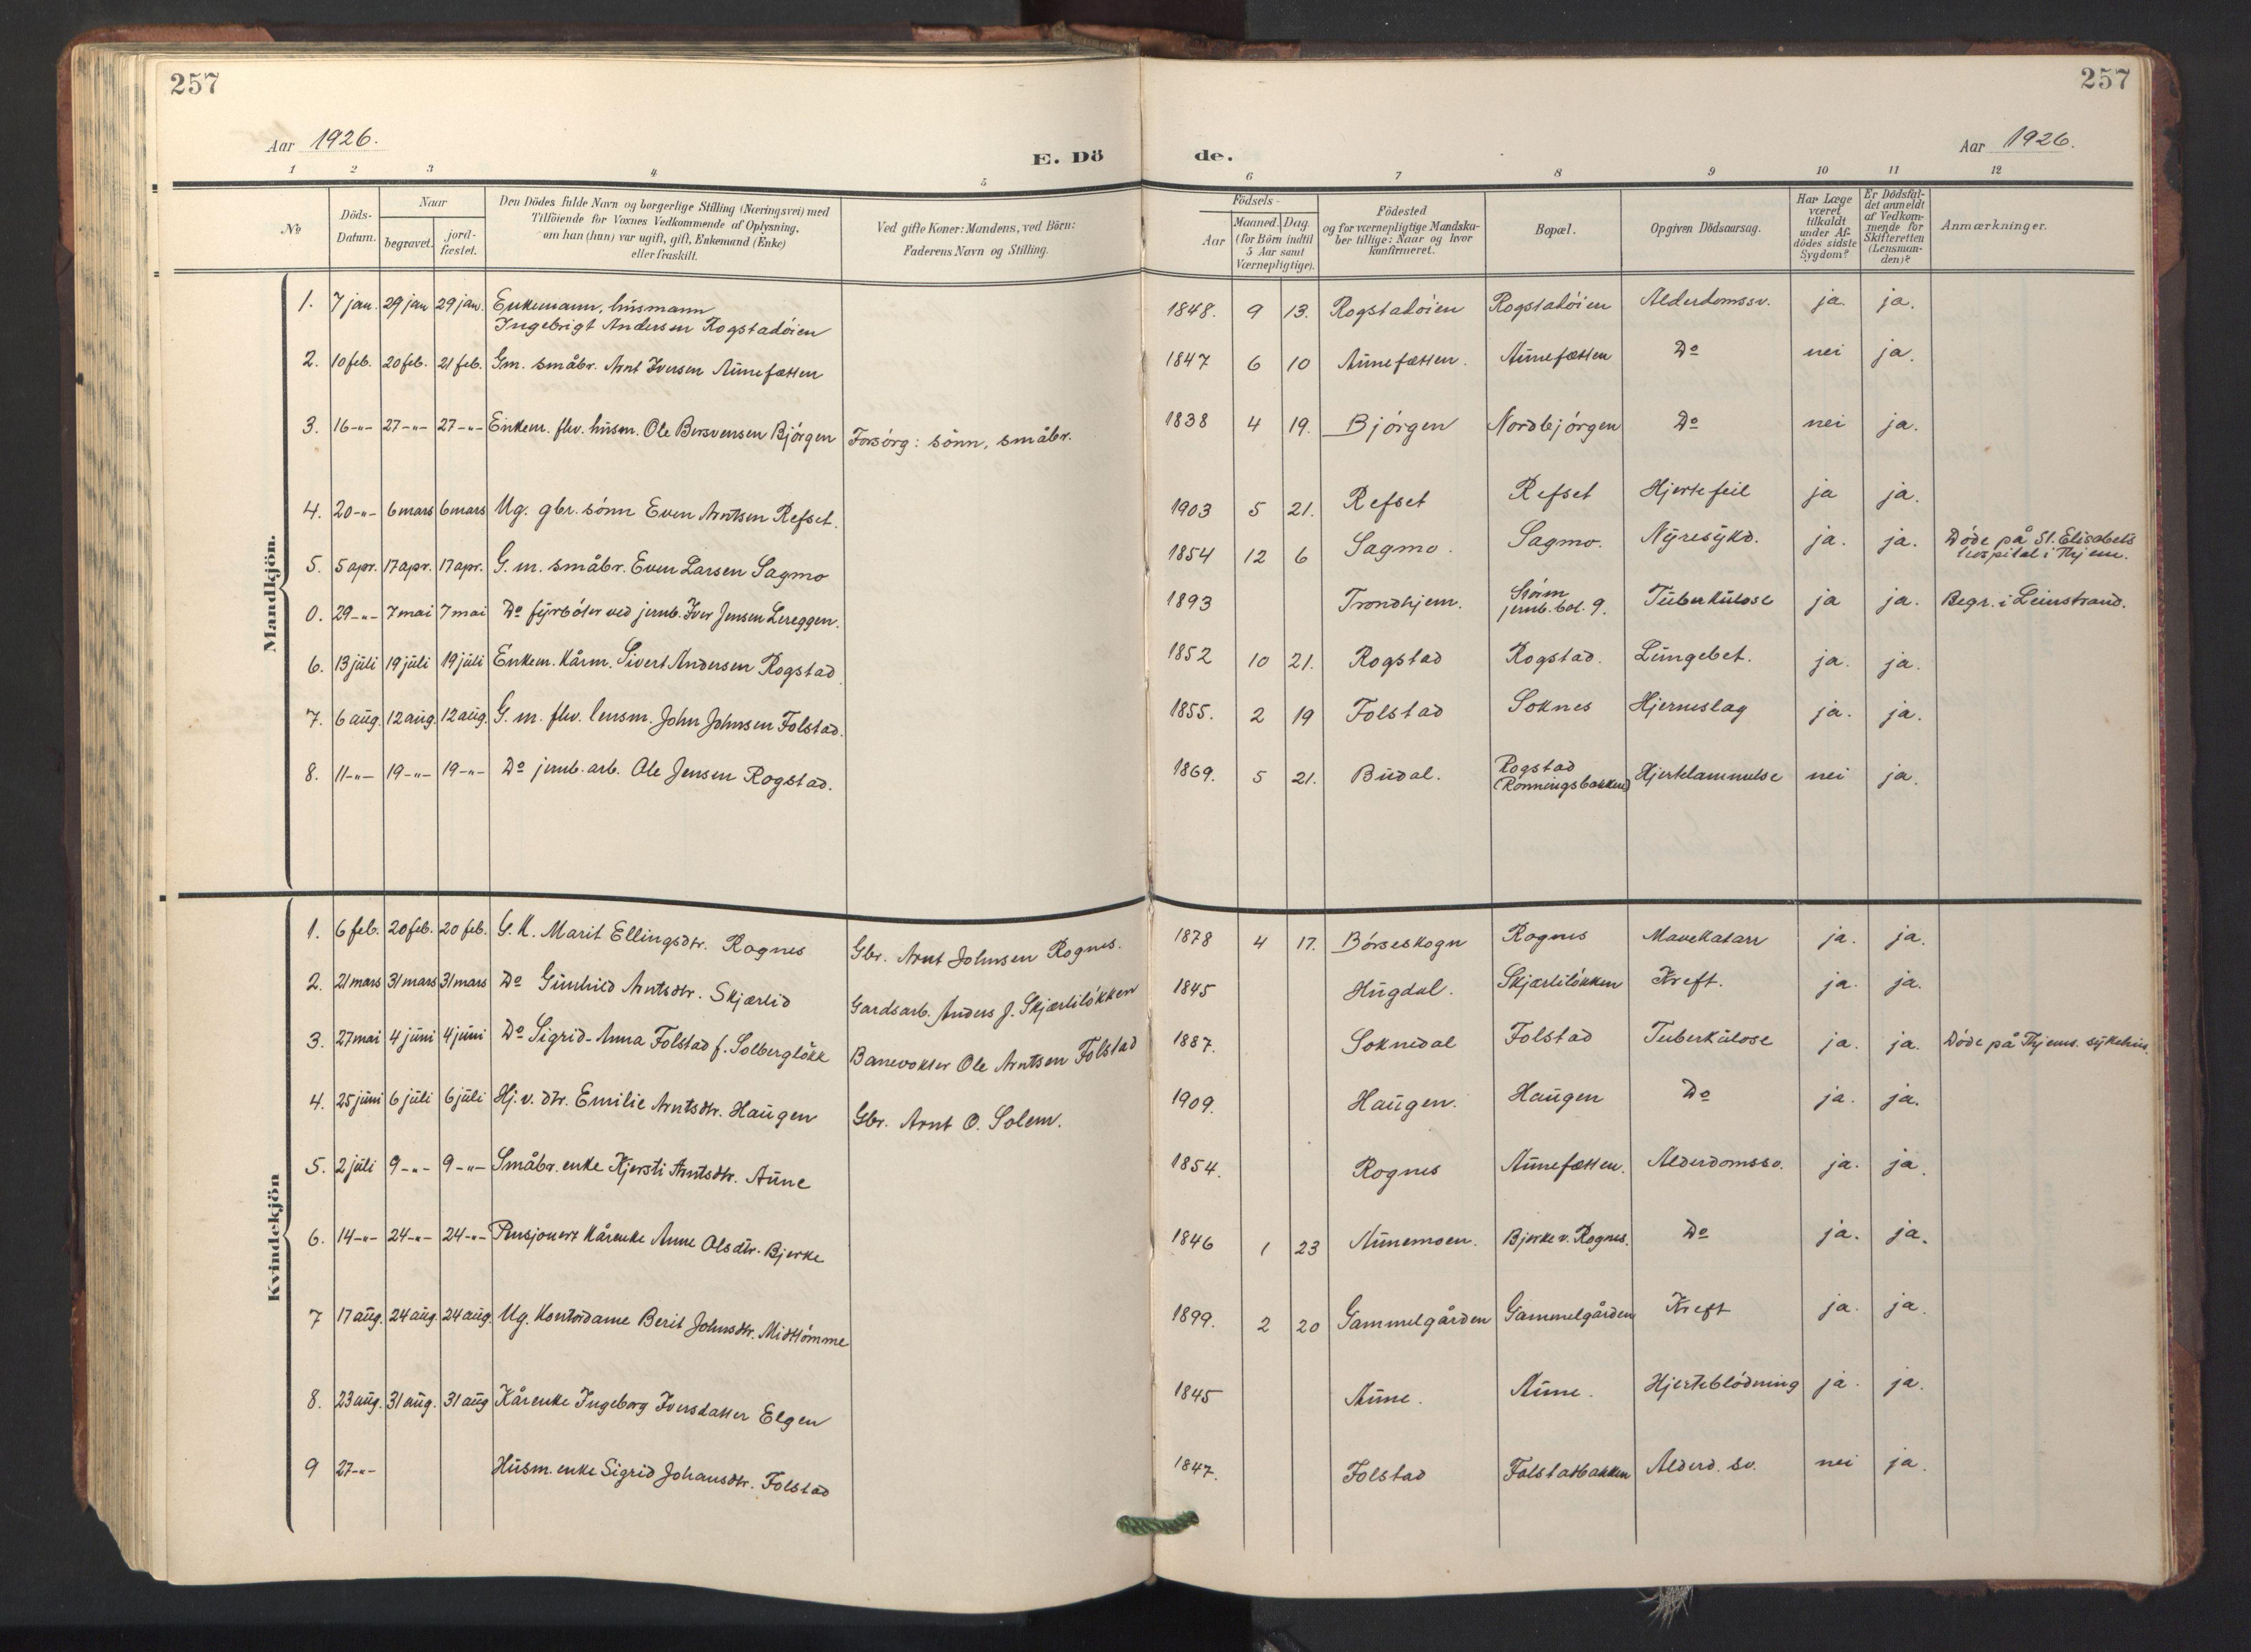 SAT, Ministerialprotokoller, klokkerbøker og fødselsregistre - Sør-Trøndelag, 687/L1019: Klokkerbok nr. 687C03, 1904-1931, s. 257